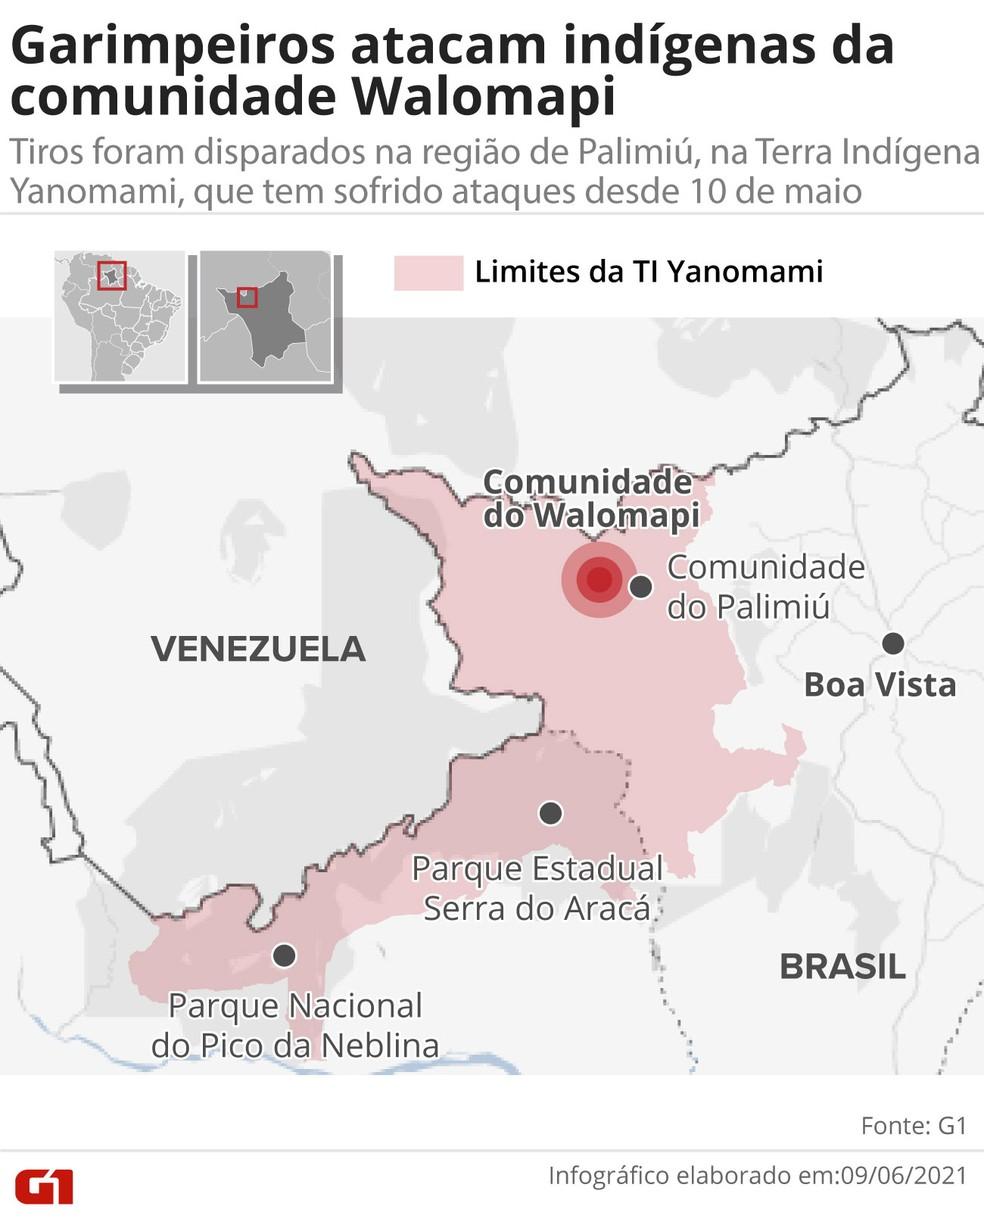 Comunidade Walomapi, fica na região de Palimiú, na Terra Yanomami — Foto: G1